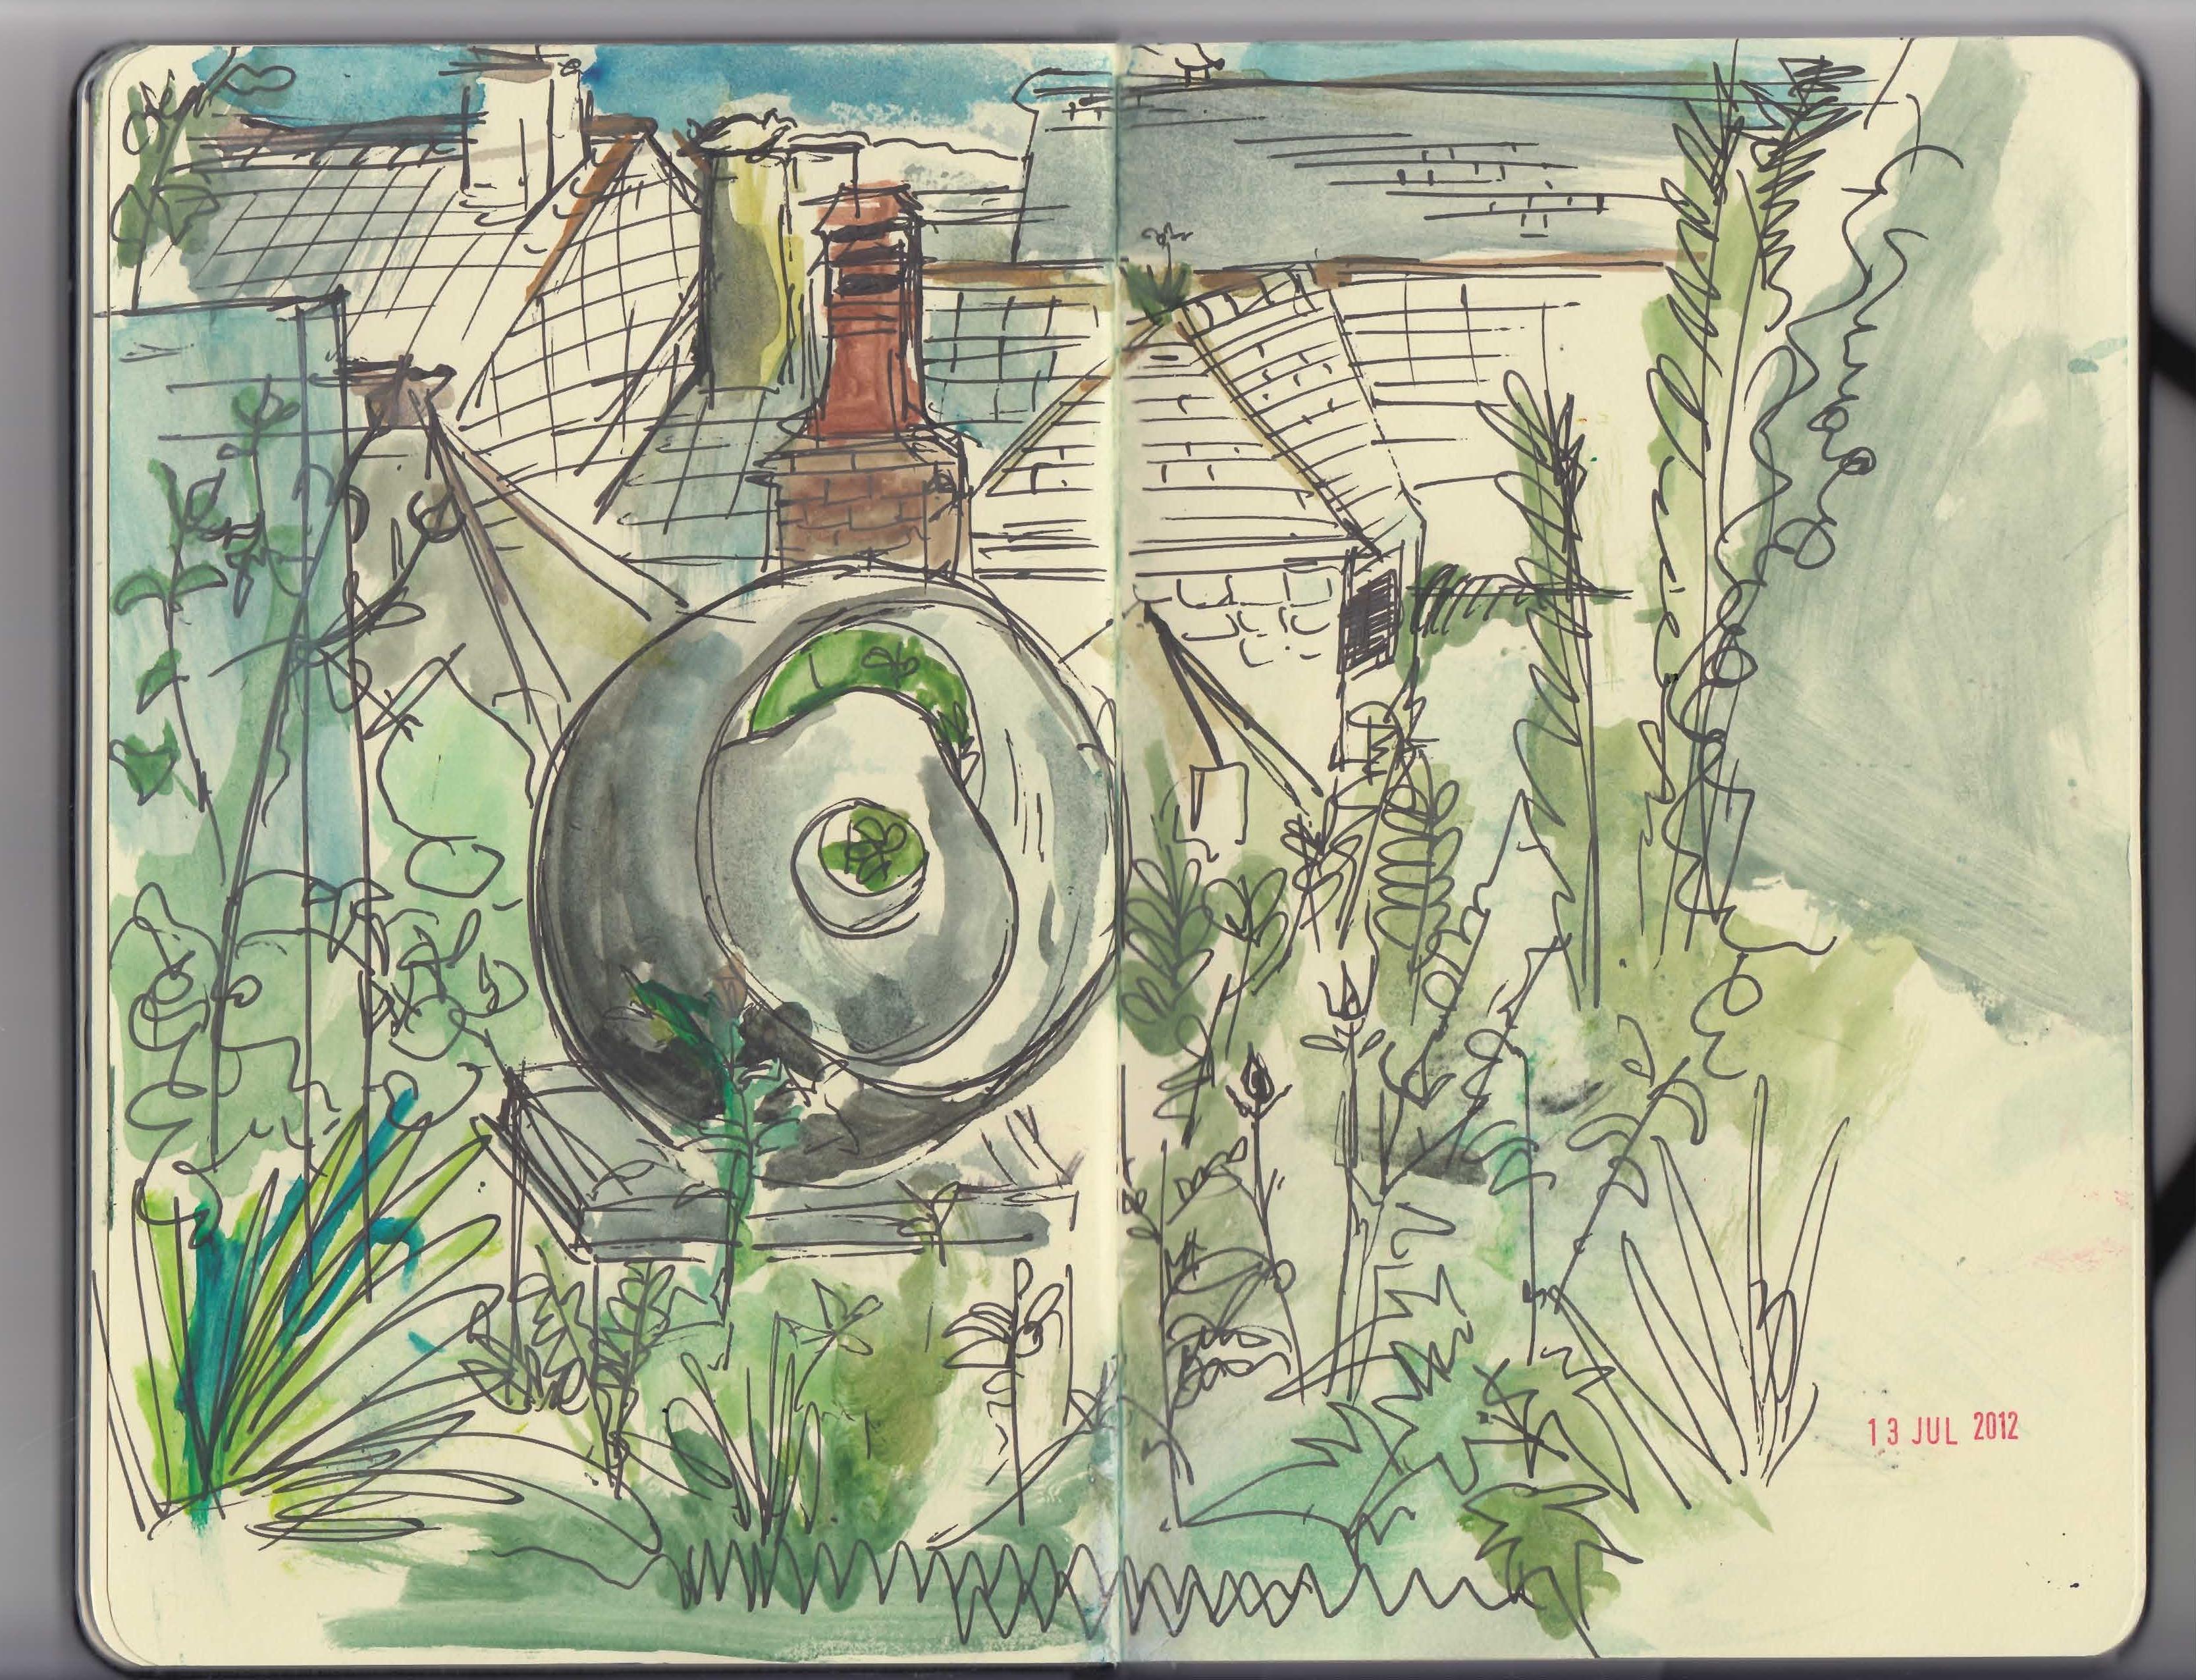 Hepworth Garden